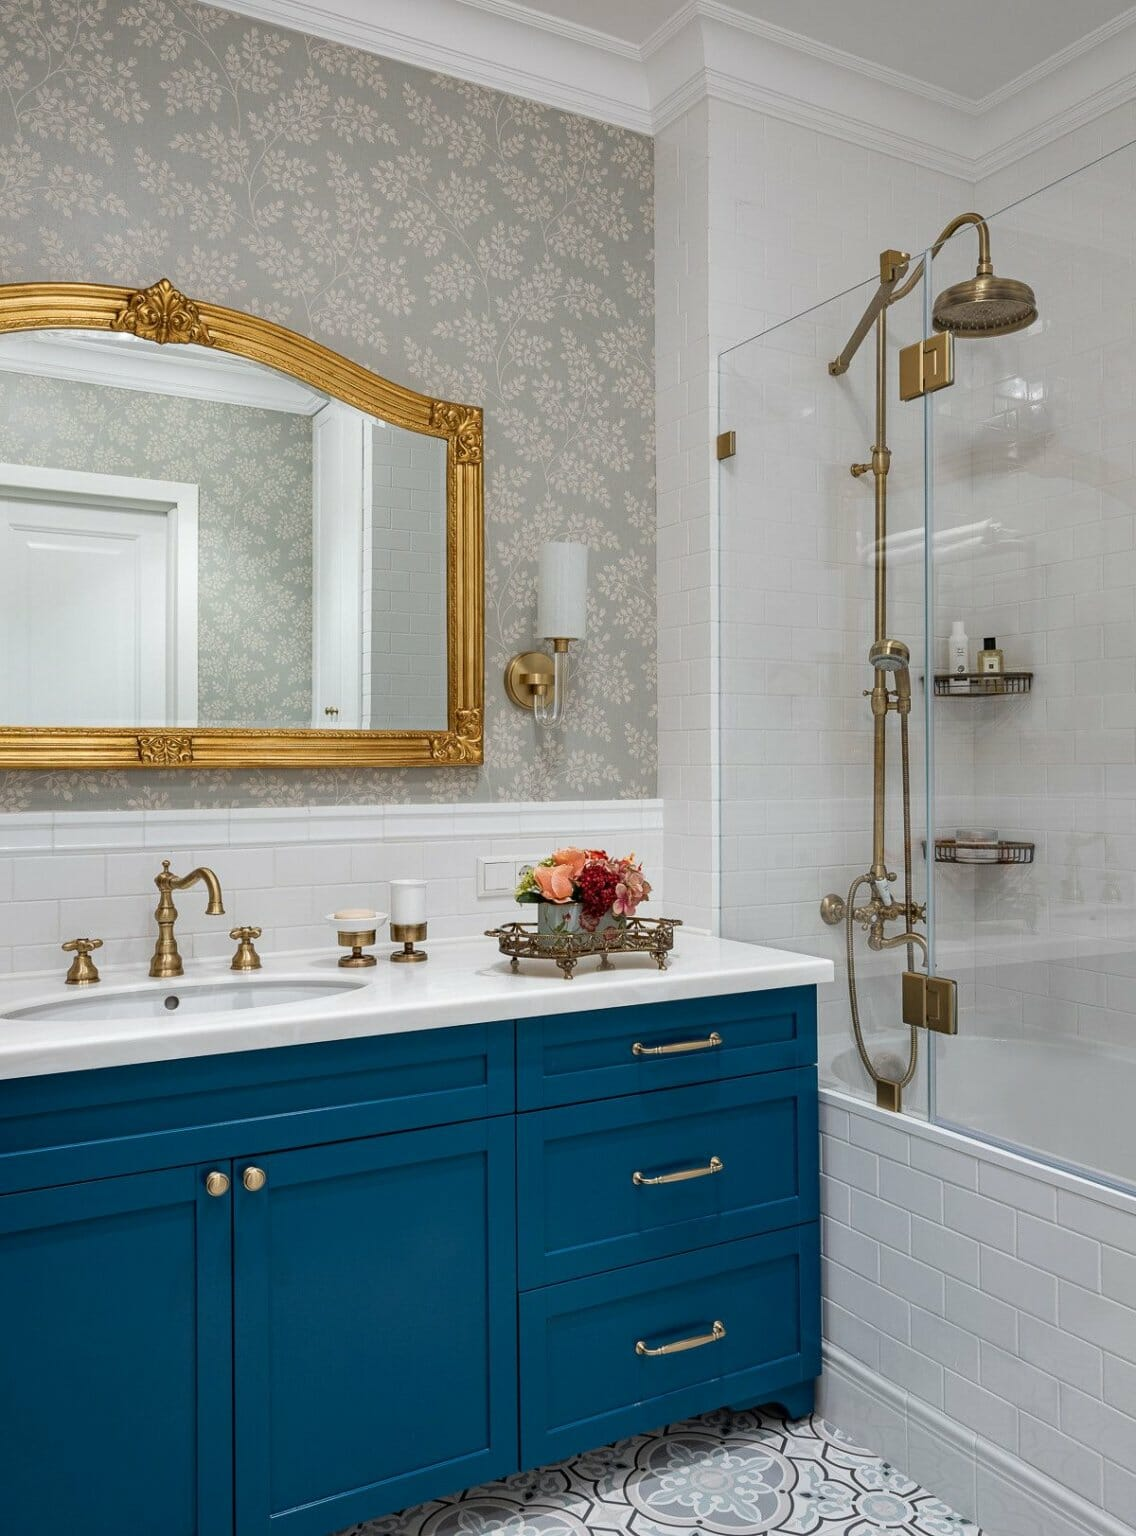 hình ảnh góc phòng tắm hiện đại, sang trọng với tủ màu xanh dương, khung gương mạ vàng, giấy dán tường họa tiết lá cây nhỏ